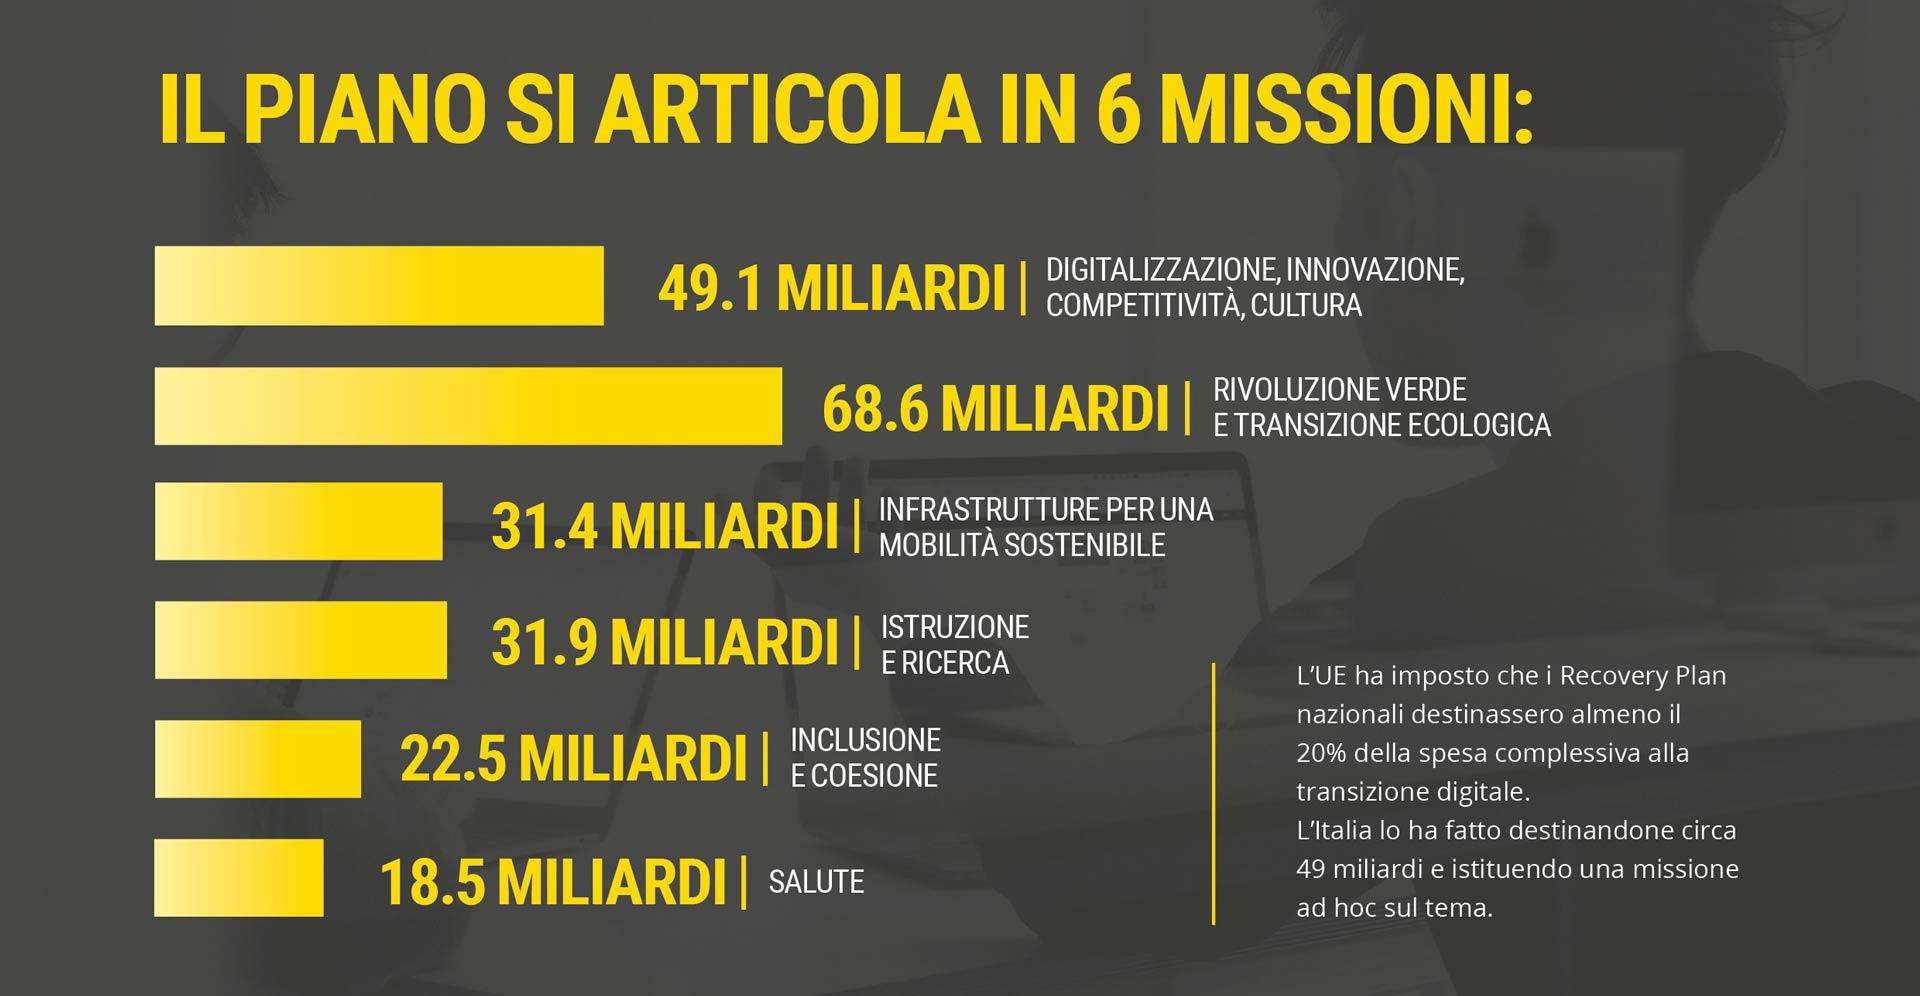 Illustrazione delle 6 missioni del Piano